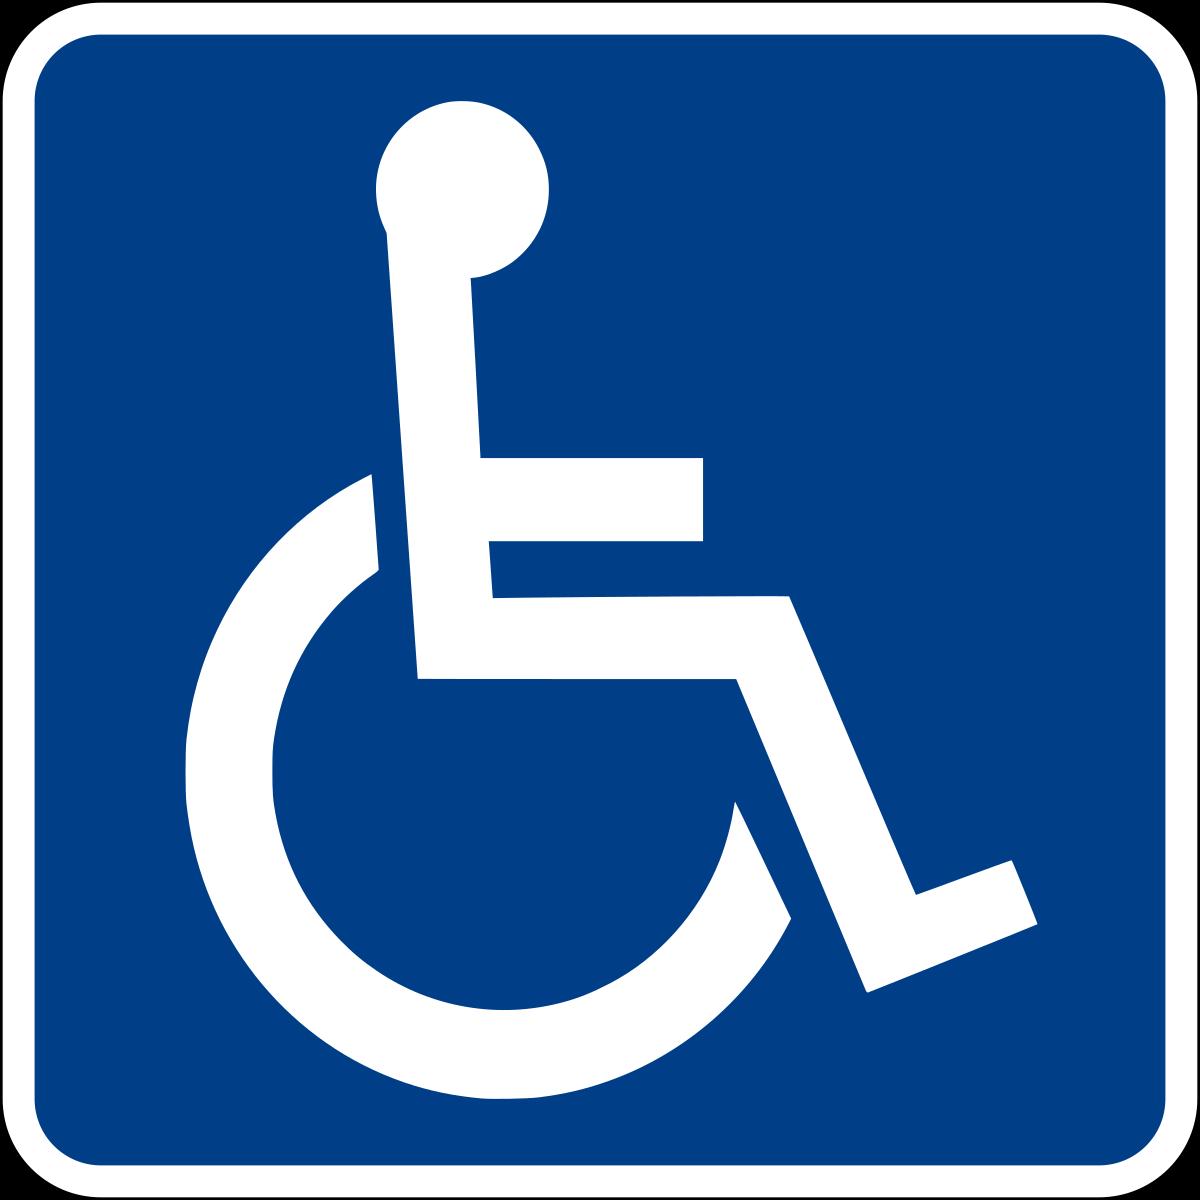 Avviso: PLNA 2018 - Assegno per le persone in condizione di disabilità gravissima